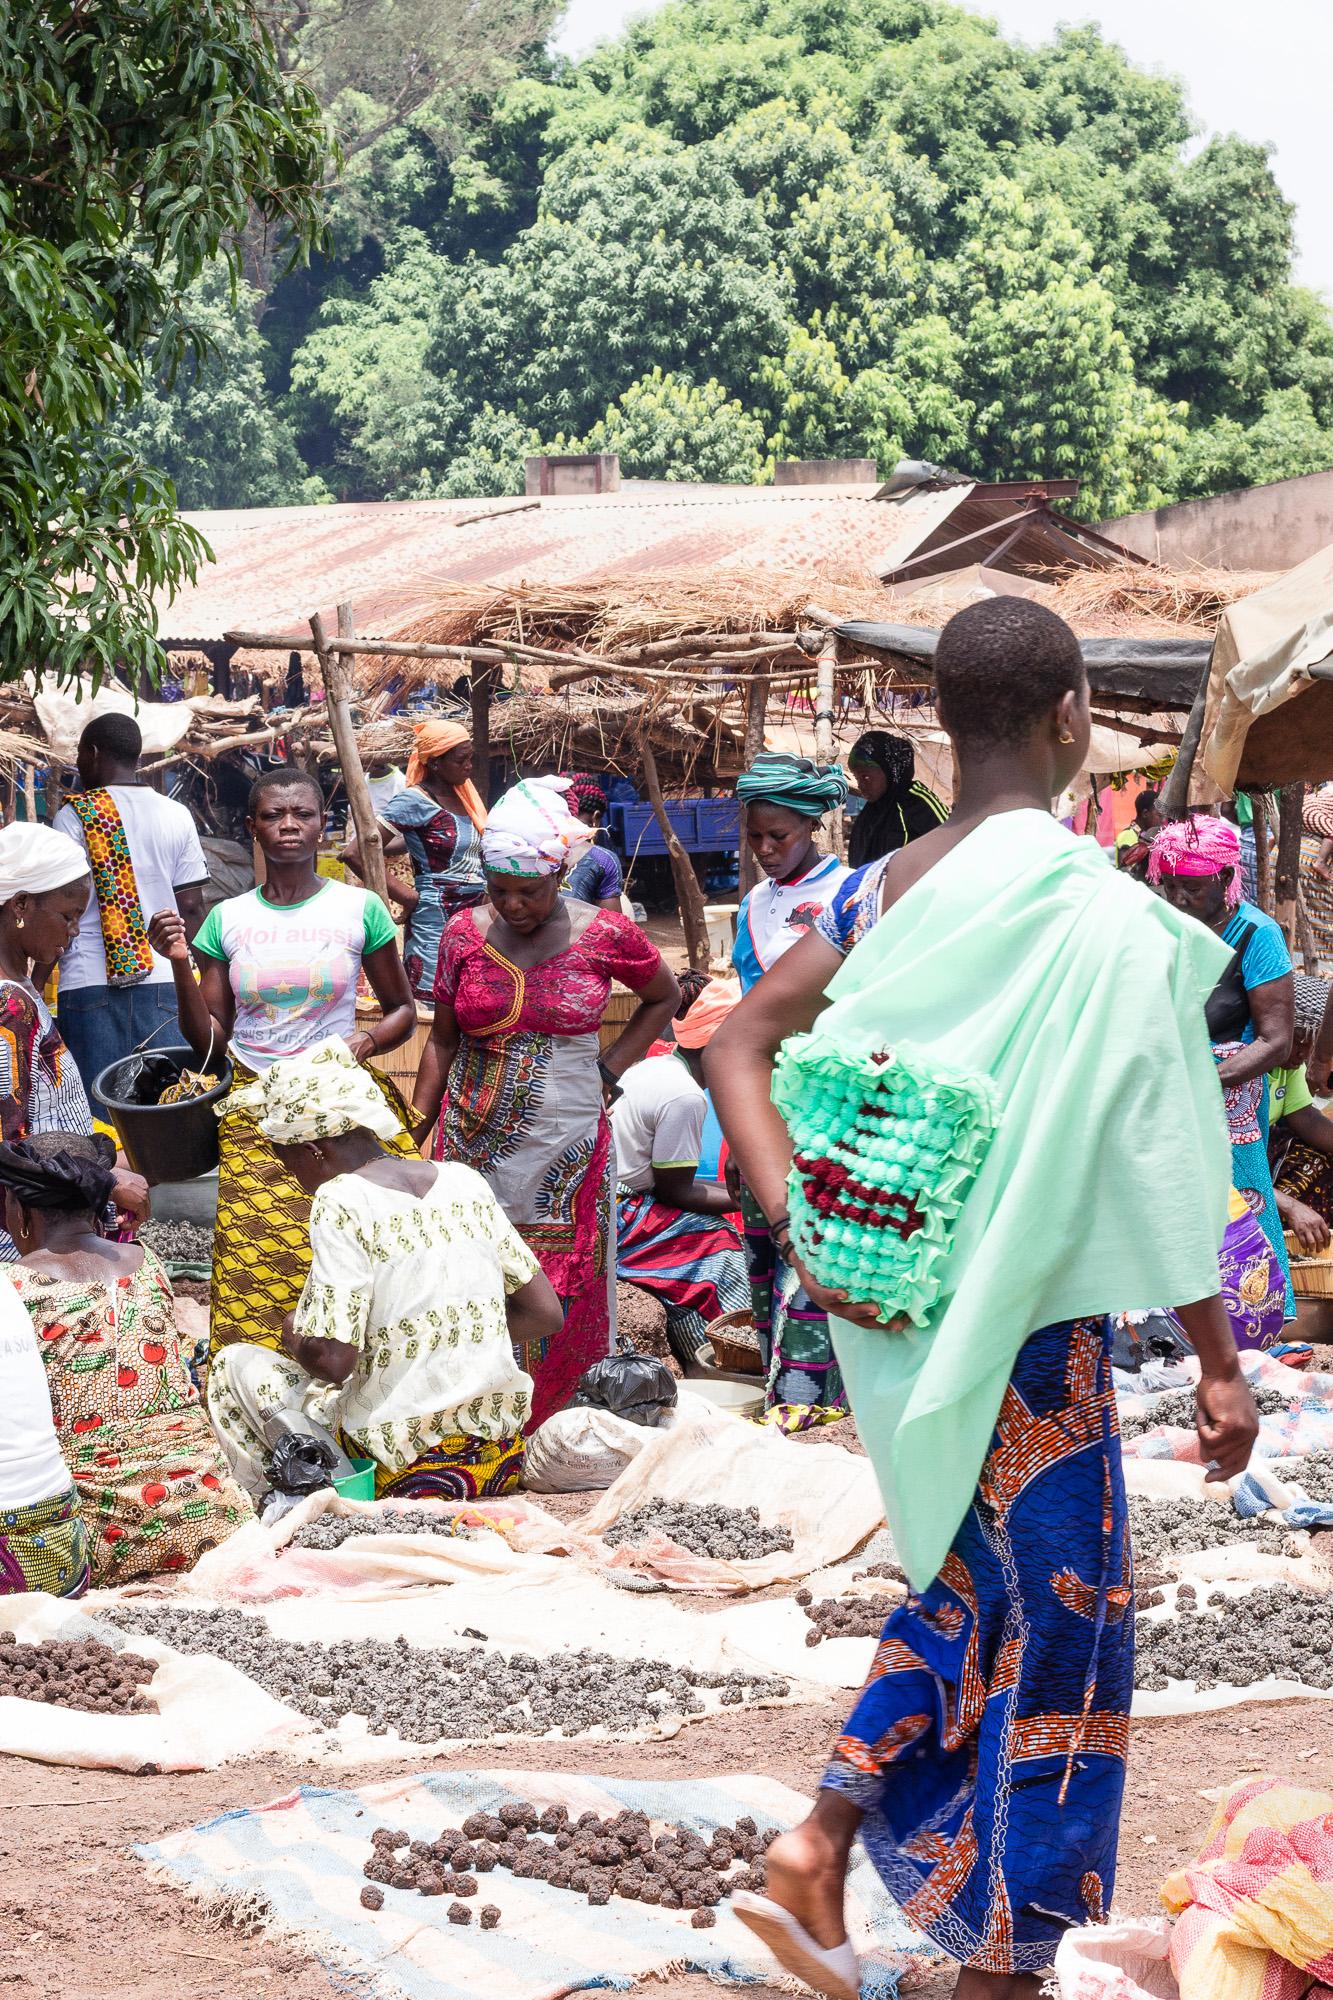 Stand de nourriture au marché de Doudou, pays Lobi, Burkina Faso